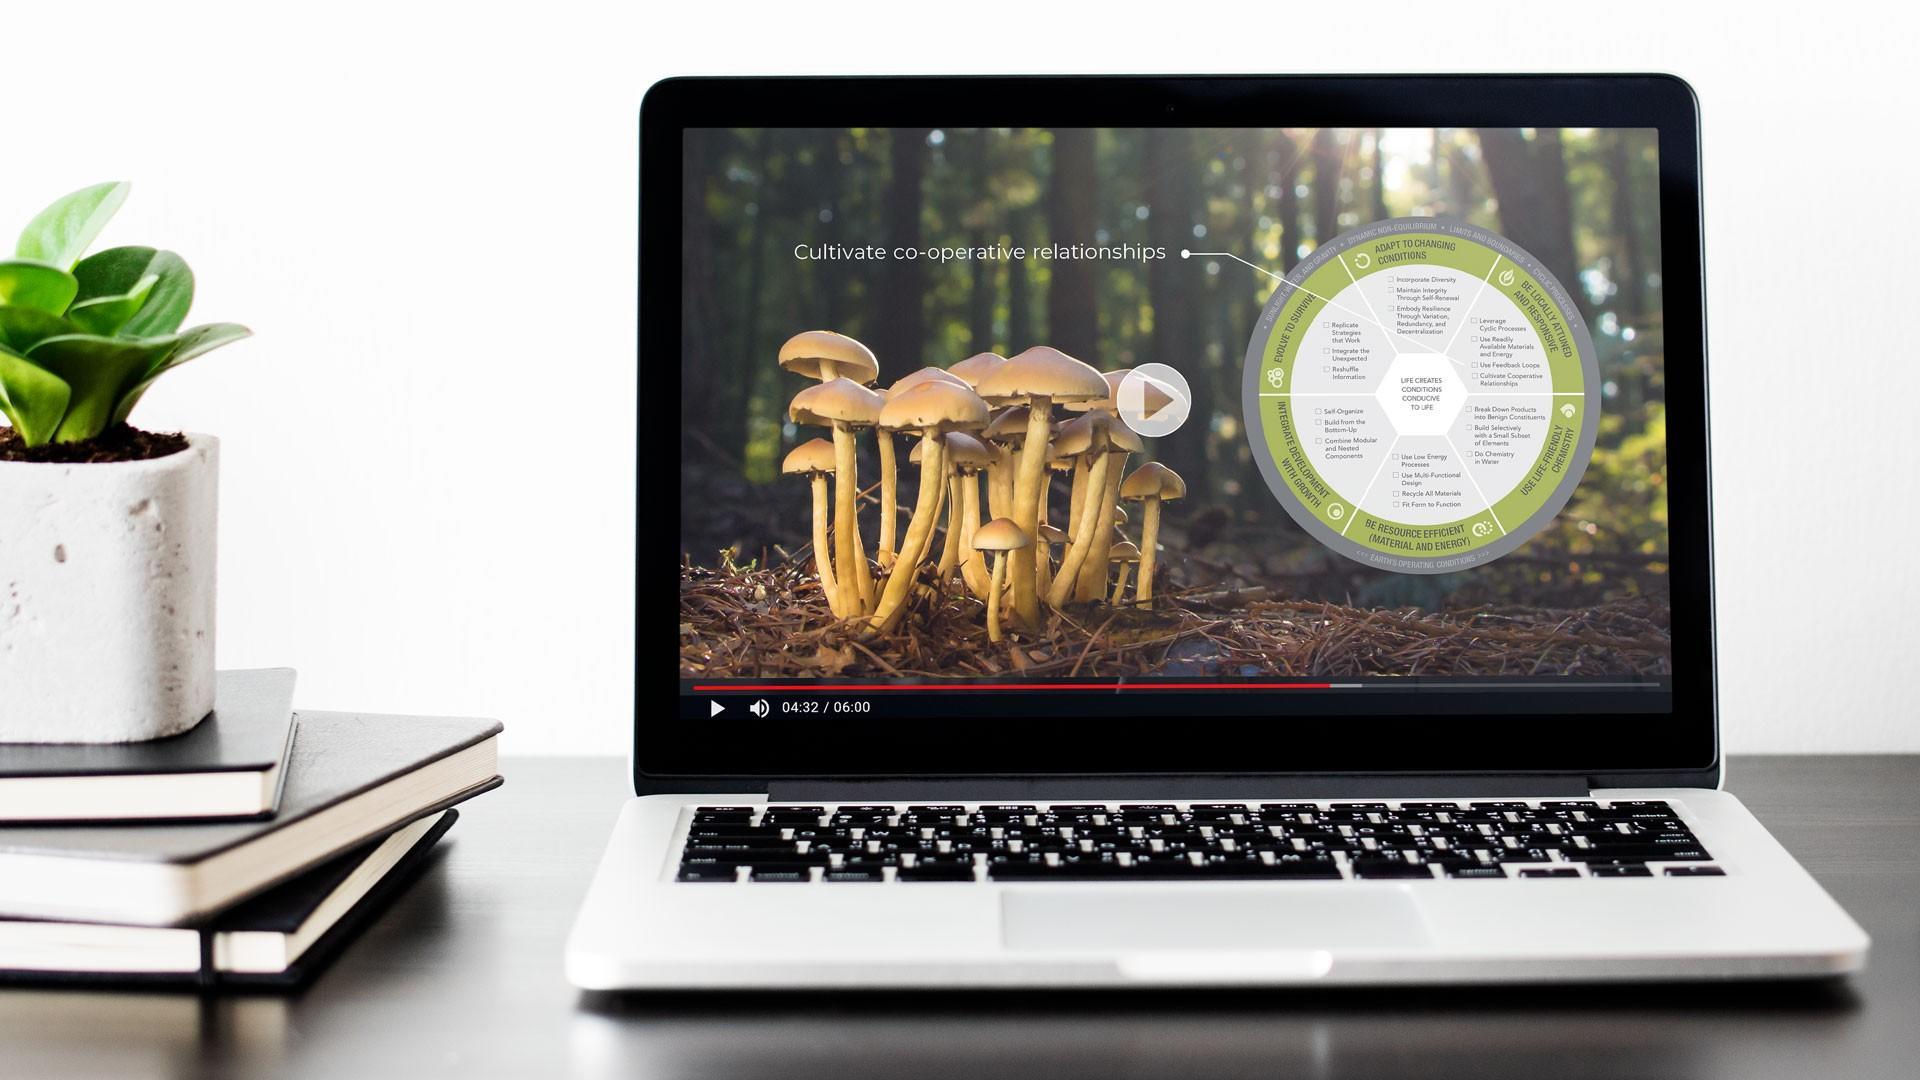 biomimicry lifes principles course